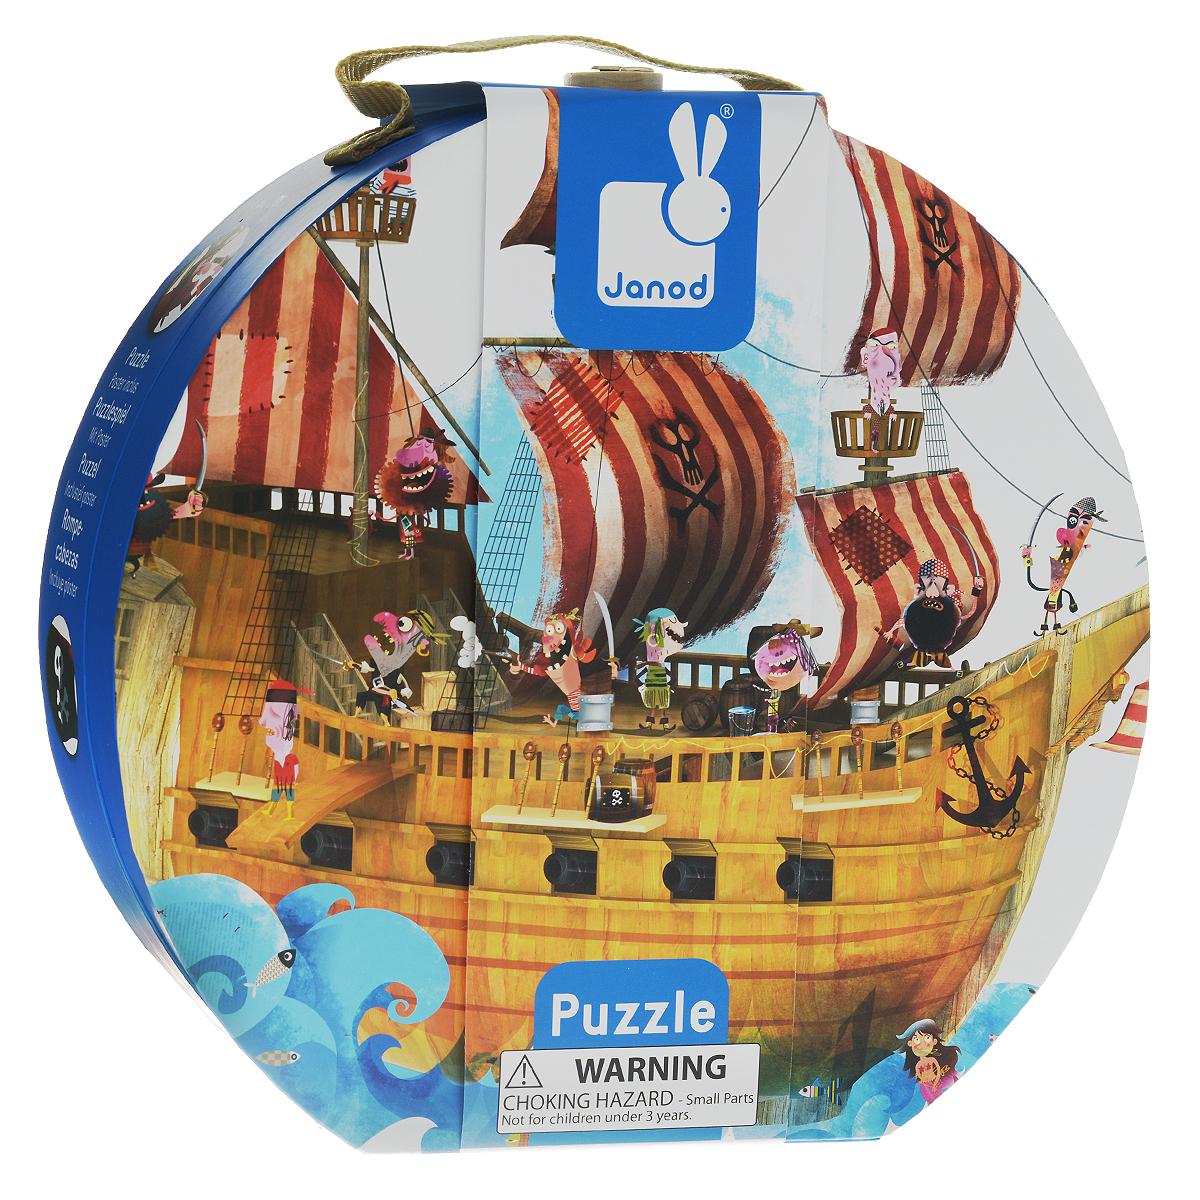 Пазл большой Janod Пиратский корабль, 39 элементовJ02819Большой пазл Janod Пиратский корабль производства французской компании Janod предназначен для детей от 4 лет. Пазл включает 39 элементов, из которых малыш сможет собрать на полу большую фигурную картинку в виде пиратского корабля с веселыми пиратами на борту. Корабль в полном оснащении несется по не спокойному морю вперед к приключениям. В высоких волнах резвятся разные рыбки, и, кажется даже русалка показалась над волнами. Корабль идет под полосатыми парусами, над ними развеваются черные пиратские флаги; пушки готовы к стрельбе. Все смотровые мостики заняты командой, они наблюдают за окрестными просторами: не появится ли торговое судно. В комплект входит большая картинка с изображением готового пазла. Все элементы большого напольного игрового пазла-коврика выполнены из плотного высококачественного картона. Порадуйте вашего малыша таким чудесным подарком! Рекомендуемый возраст: от 4 до 7 лет.